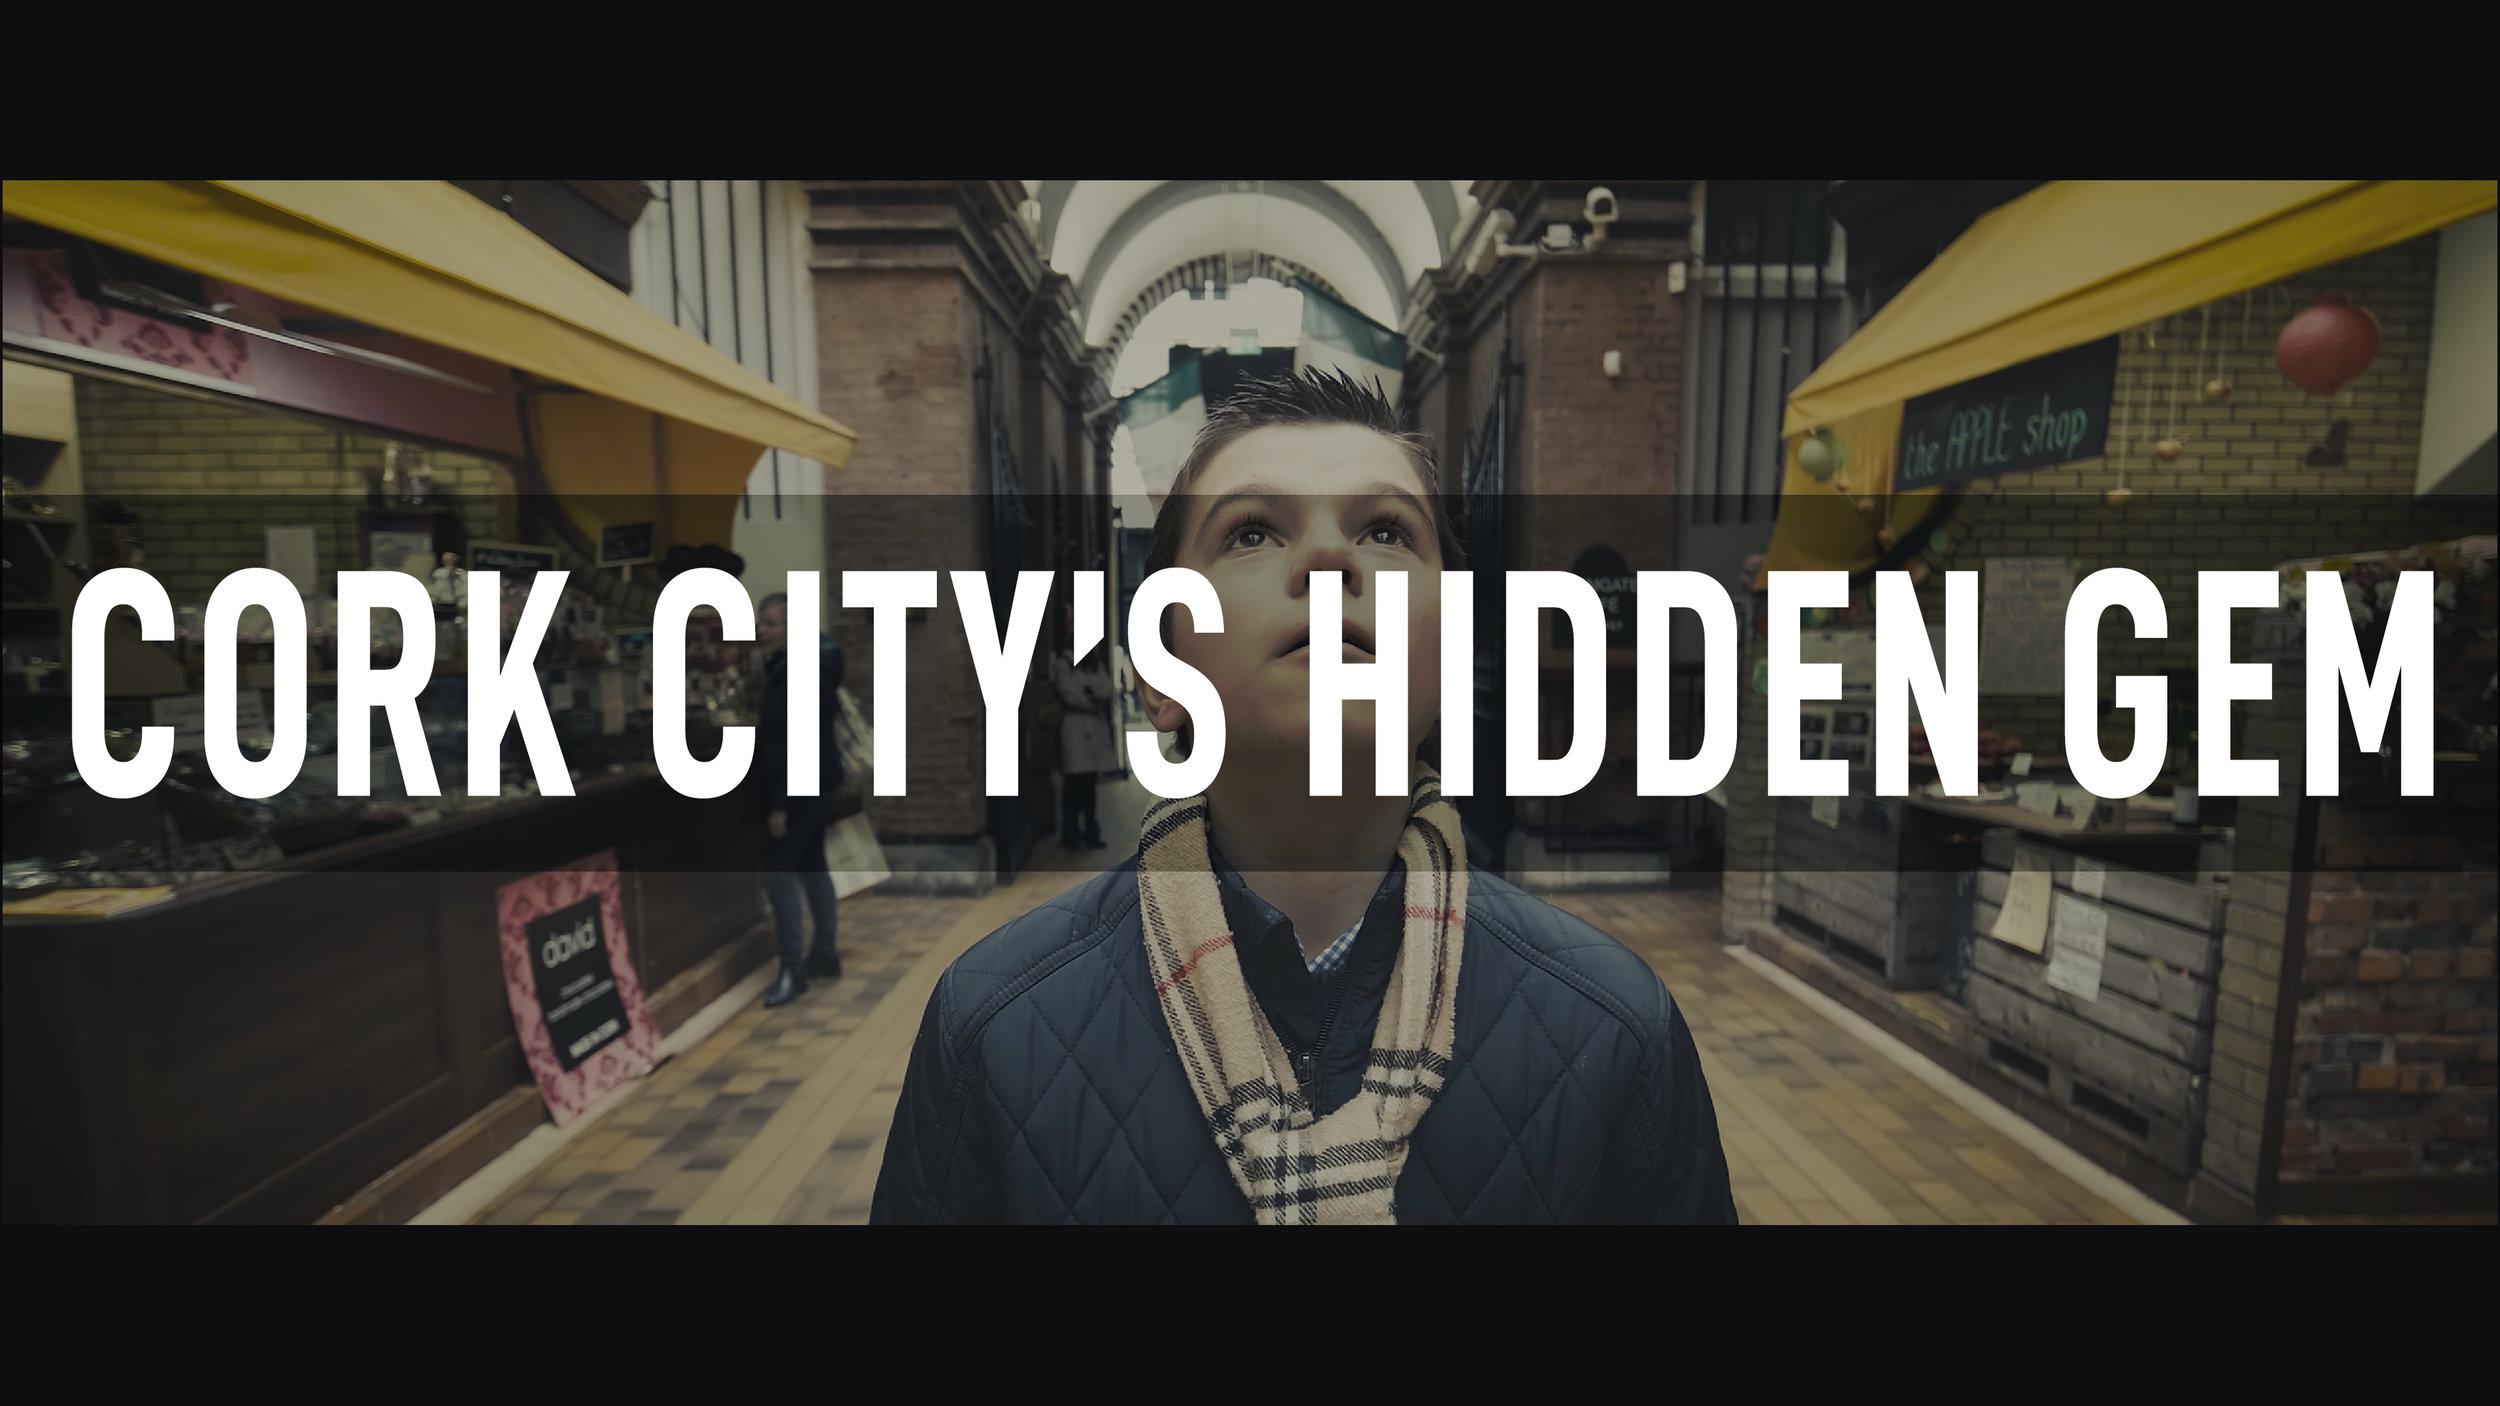 Cork City's Hidden Gem